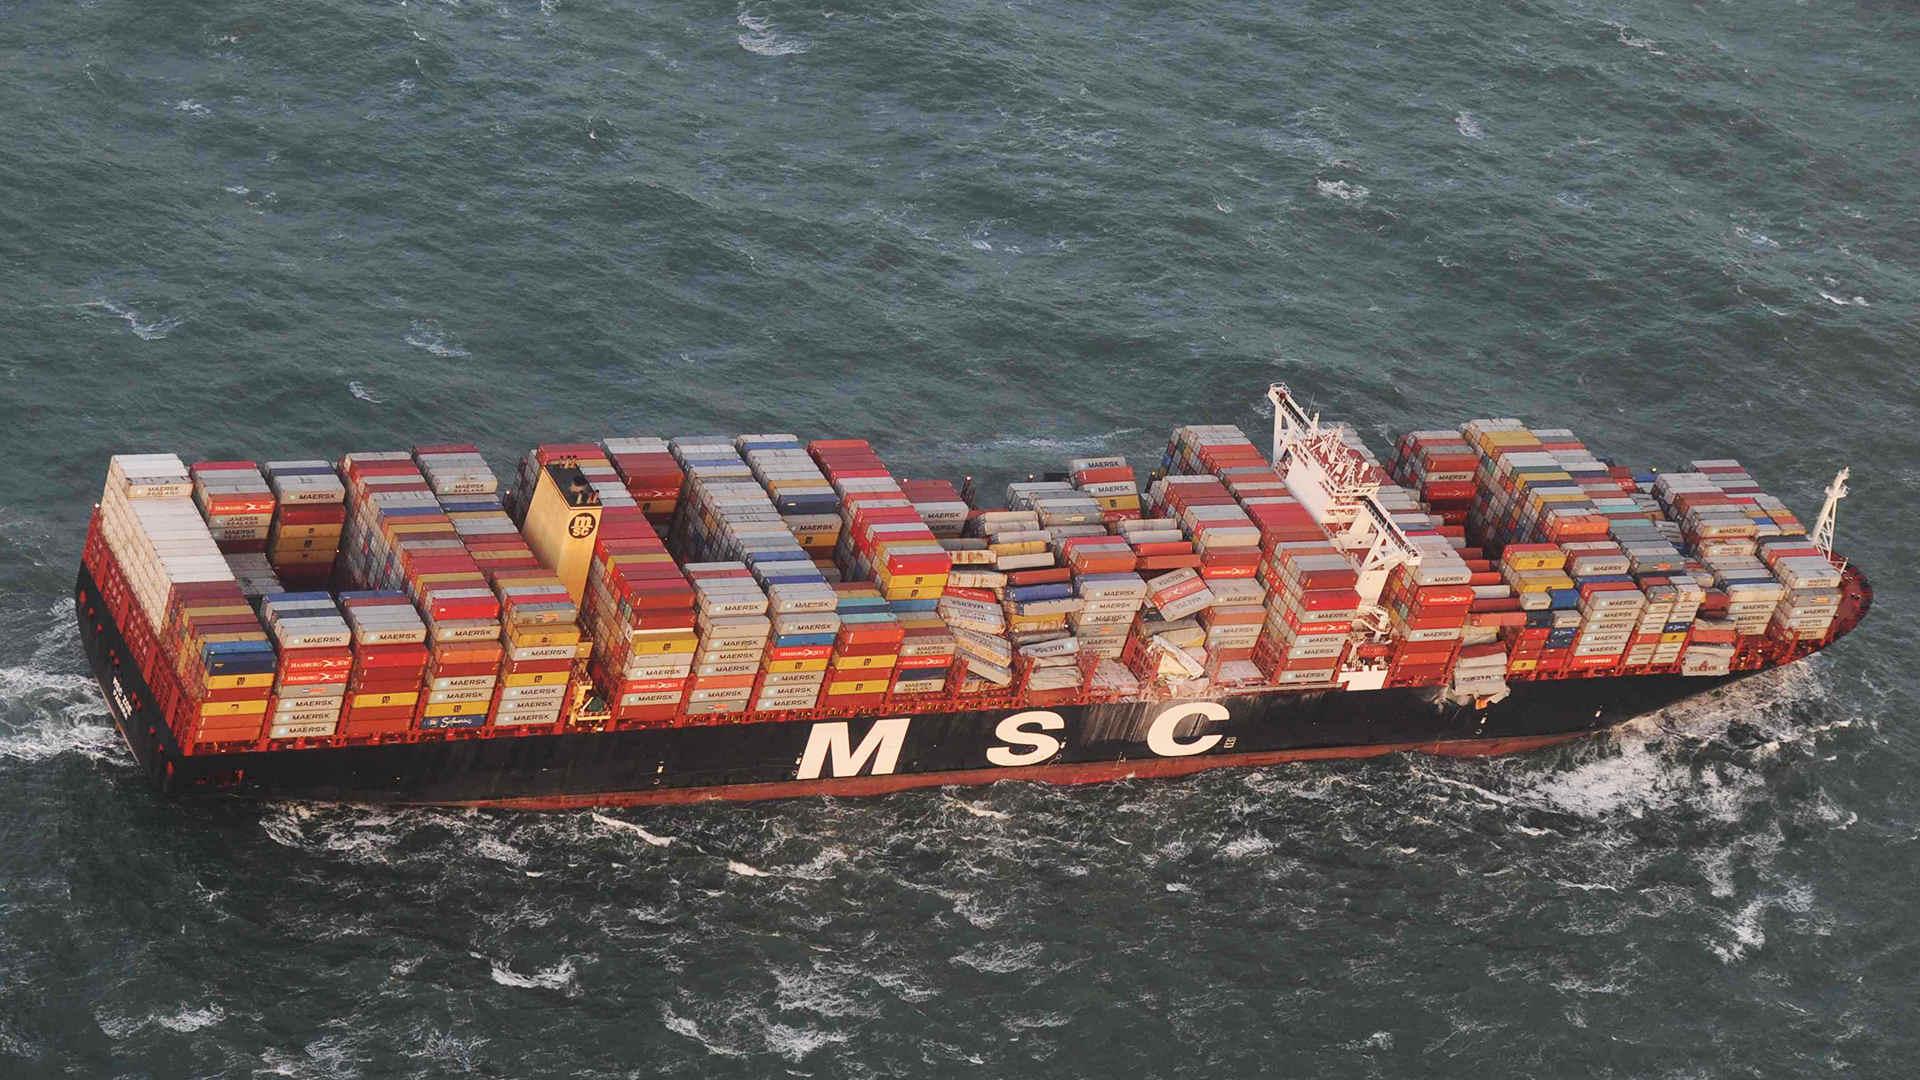 Luftaufnahme zeigt das Containerschiff MSC ZOE, das im Sturm bis zu 270 Container verloren hat.